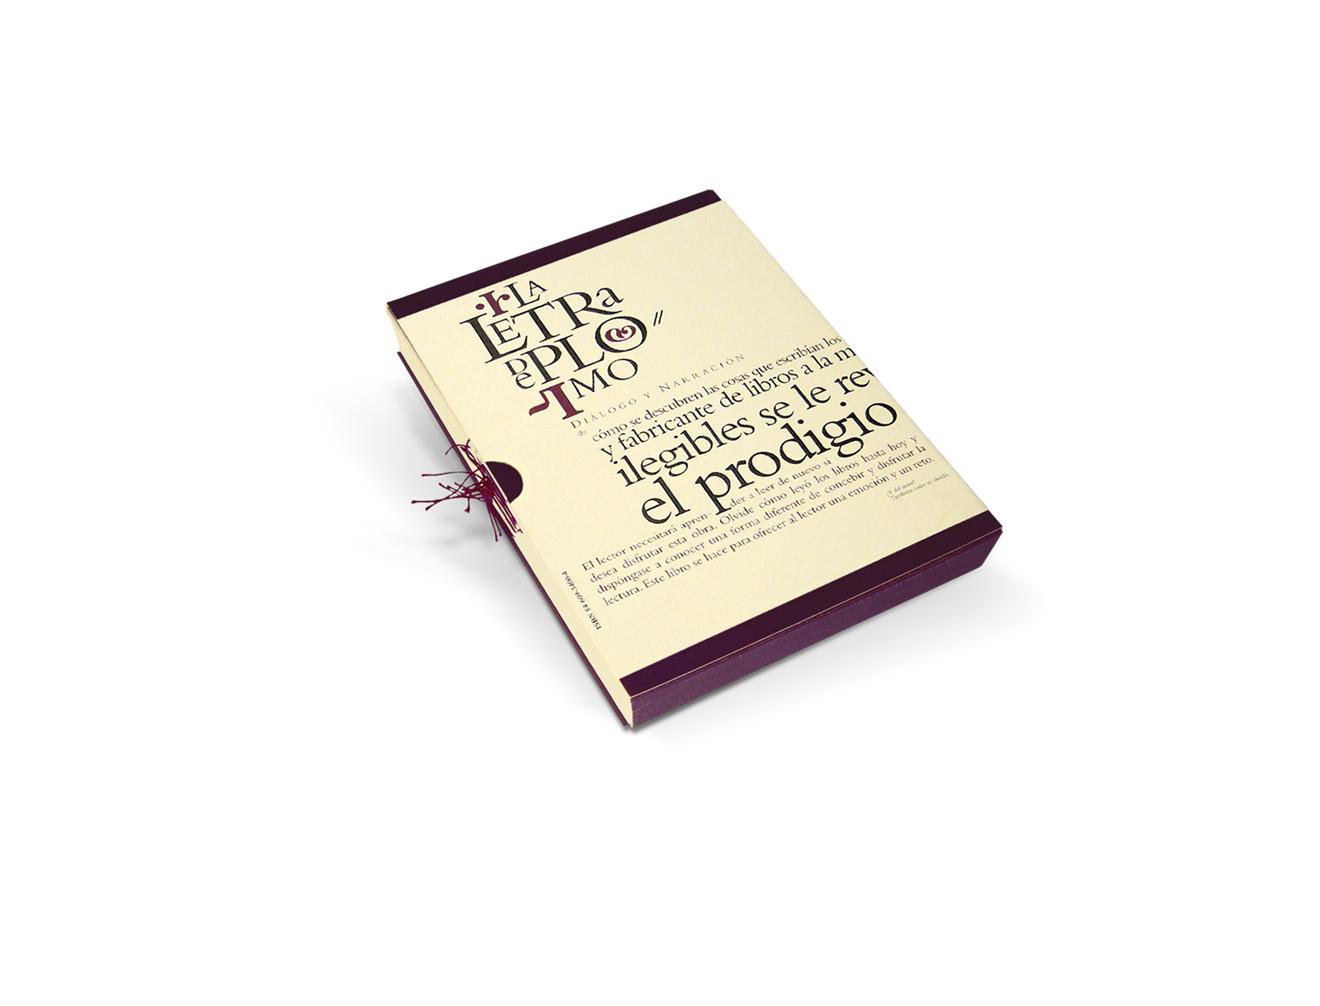 Libros para regalar. Ediciones singulares para amantes de los libros y la lectura.